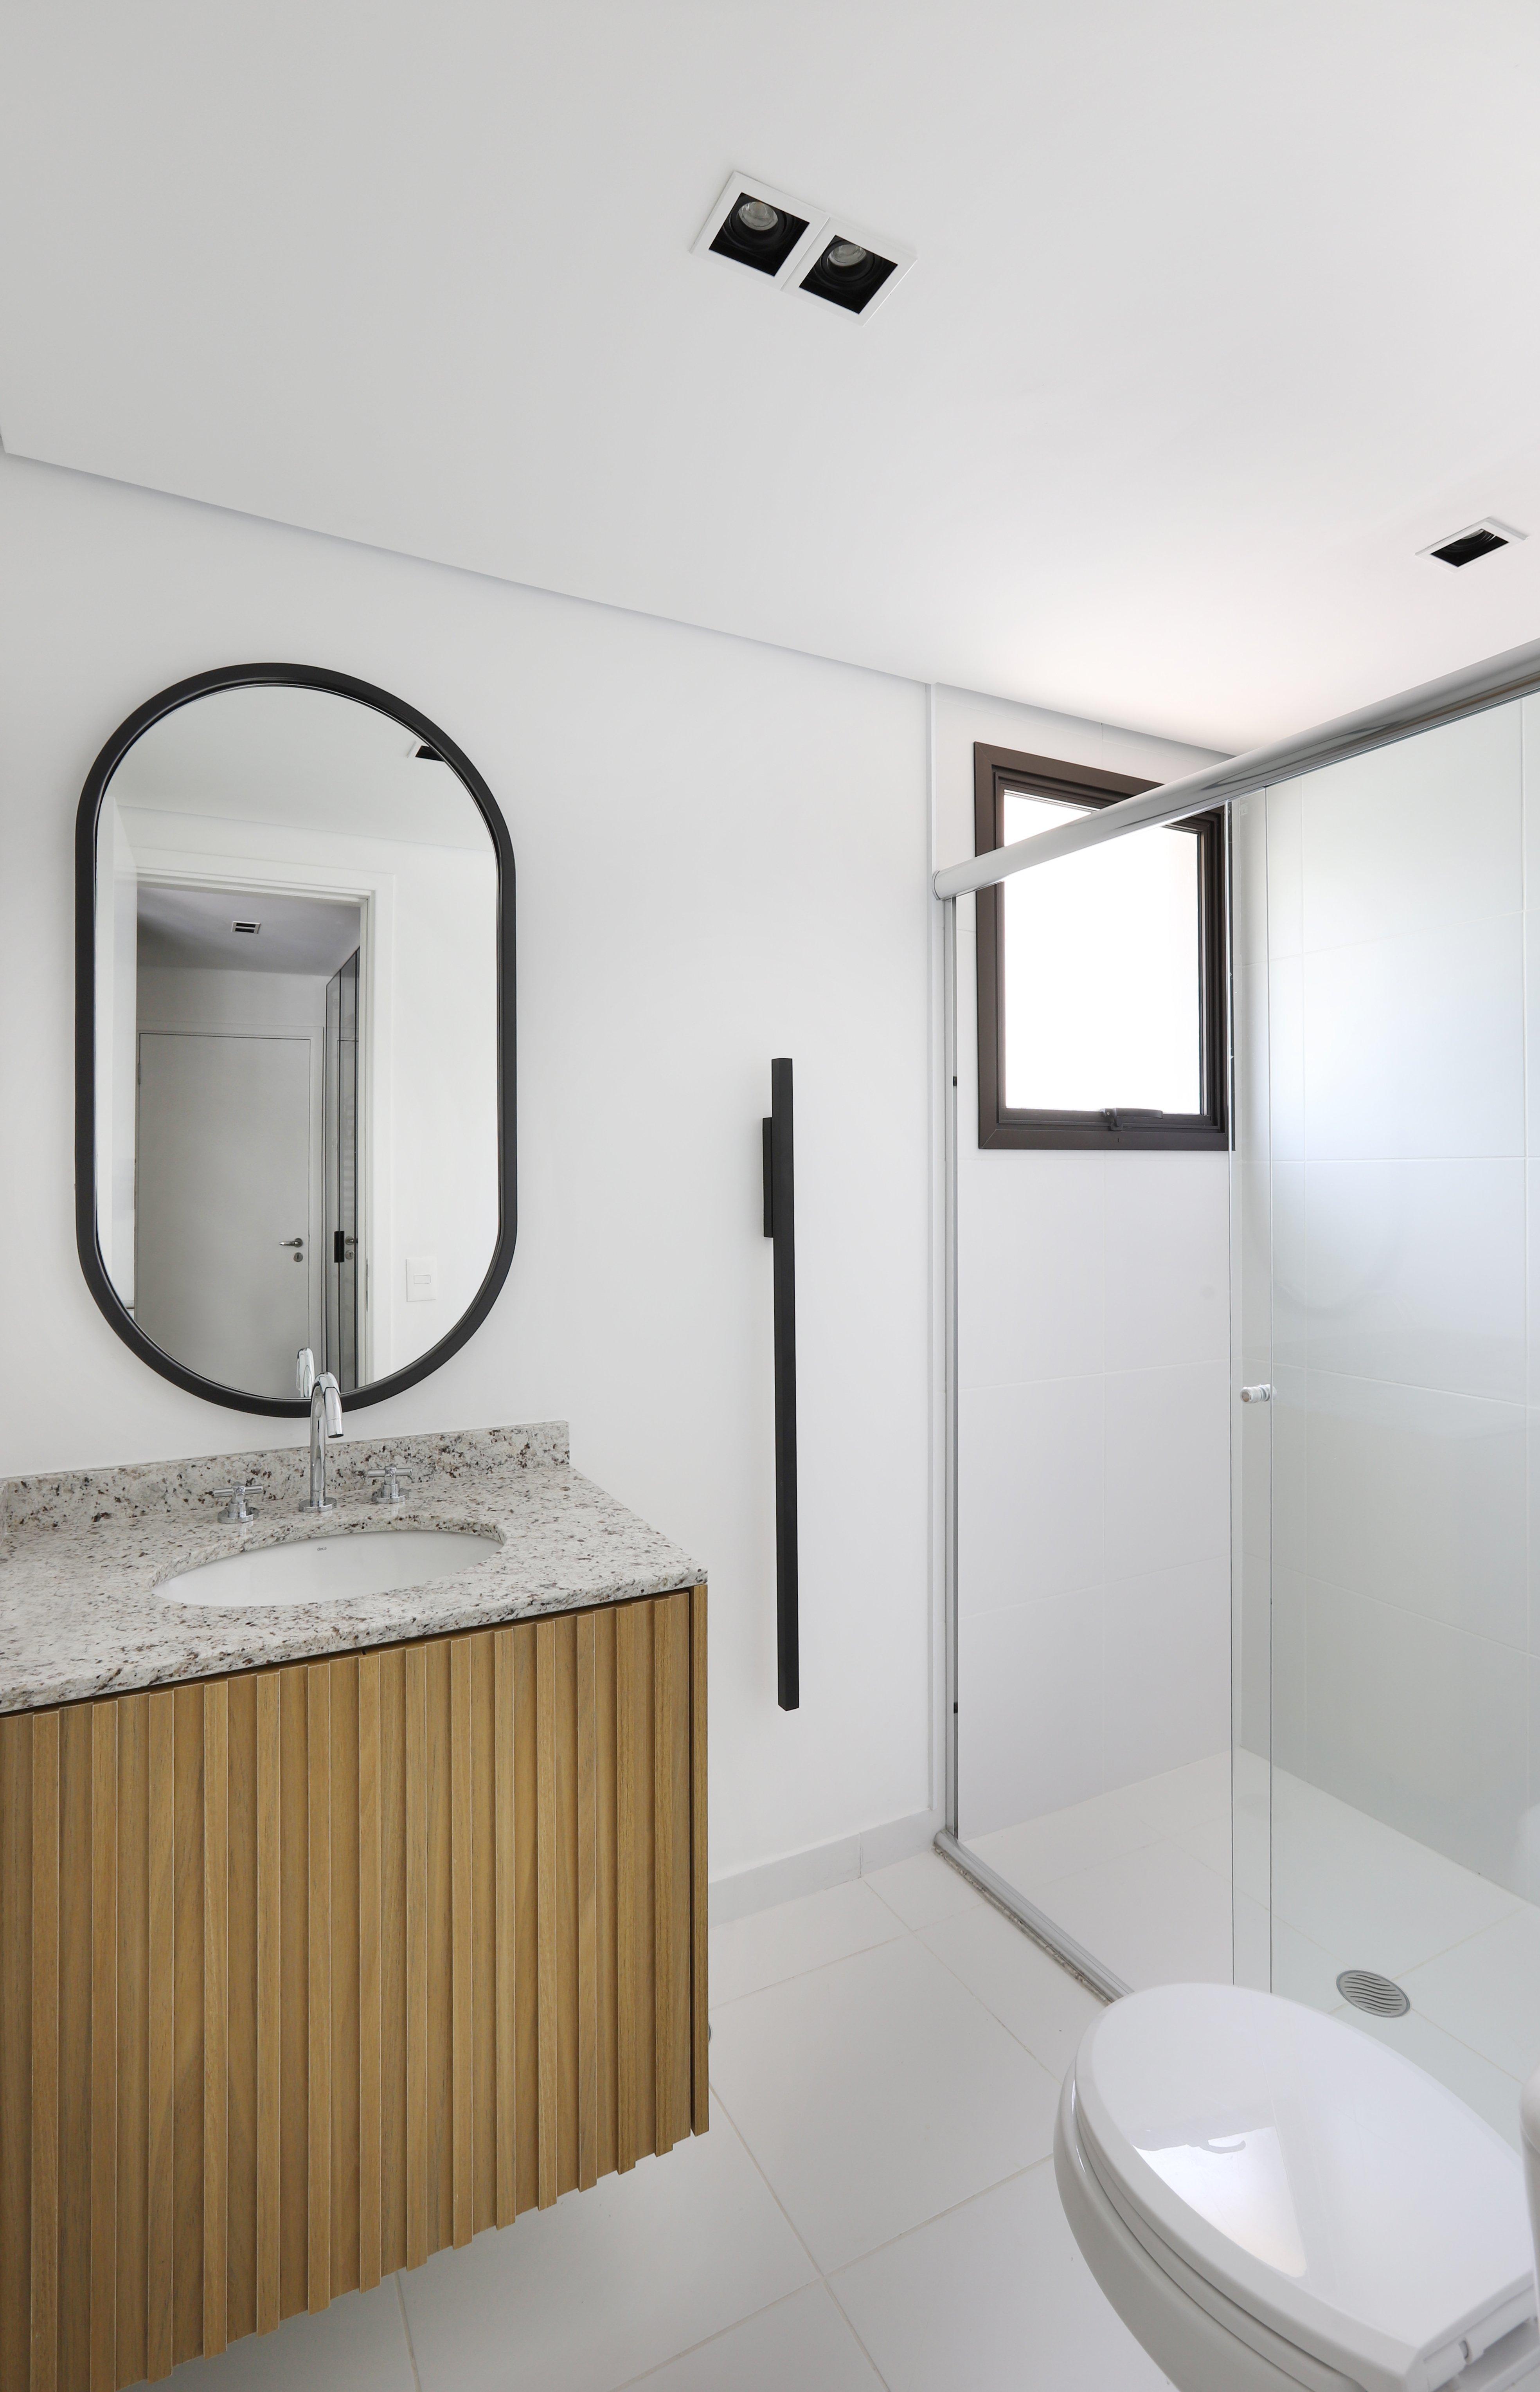 08_Banheiro IMG_0313-1